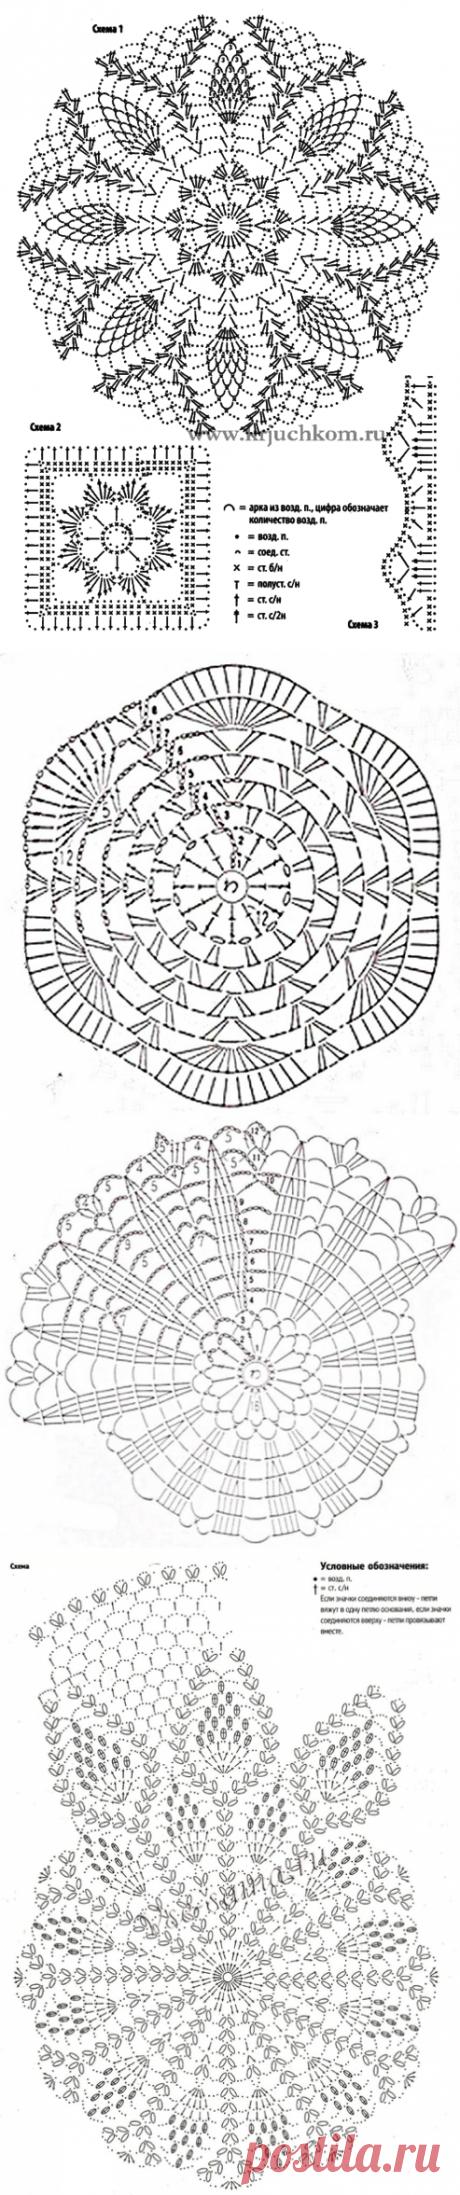 схемы для ажурных шапочек крючком(донышки) - Самое интересное в блогах